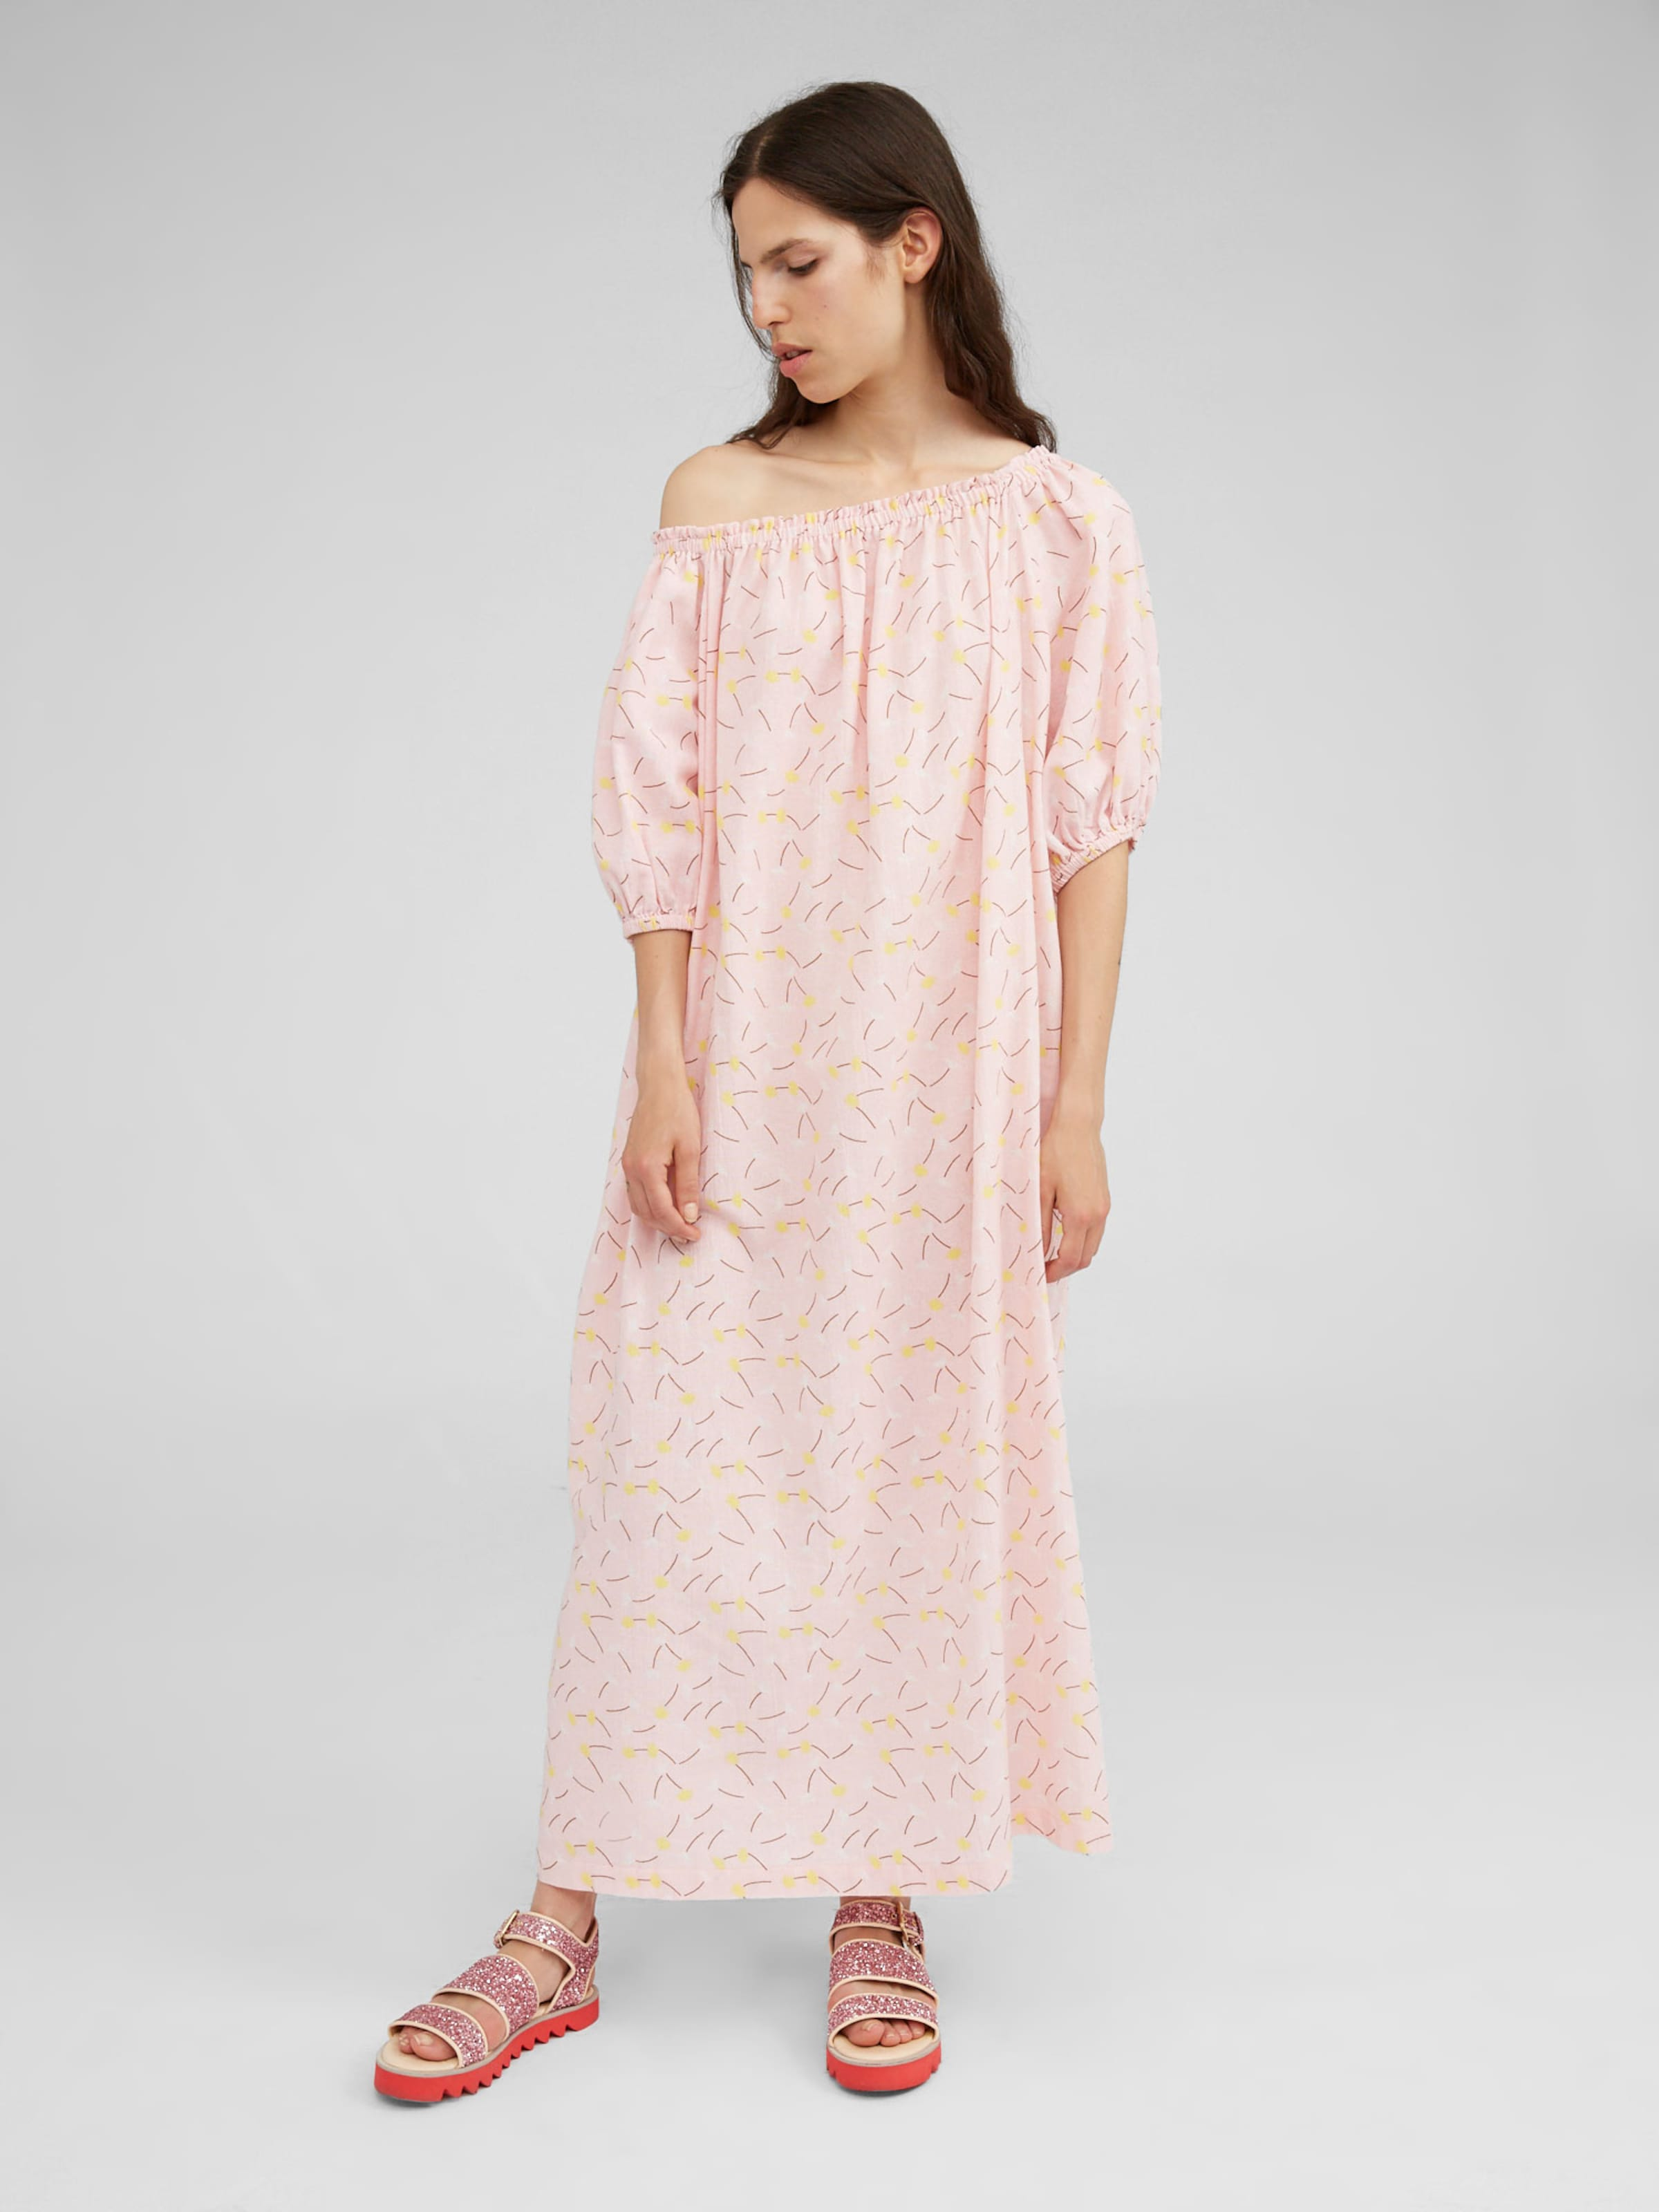 'rahima' Robe Robe En Edited 'rahima' BleuBlanc Edited En Edited BleuBlanc WE9IDH2Y